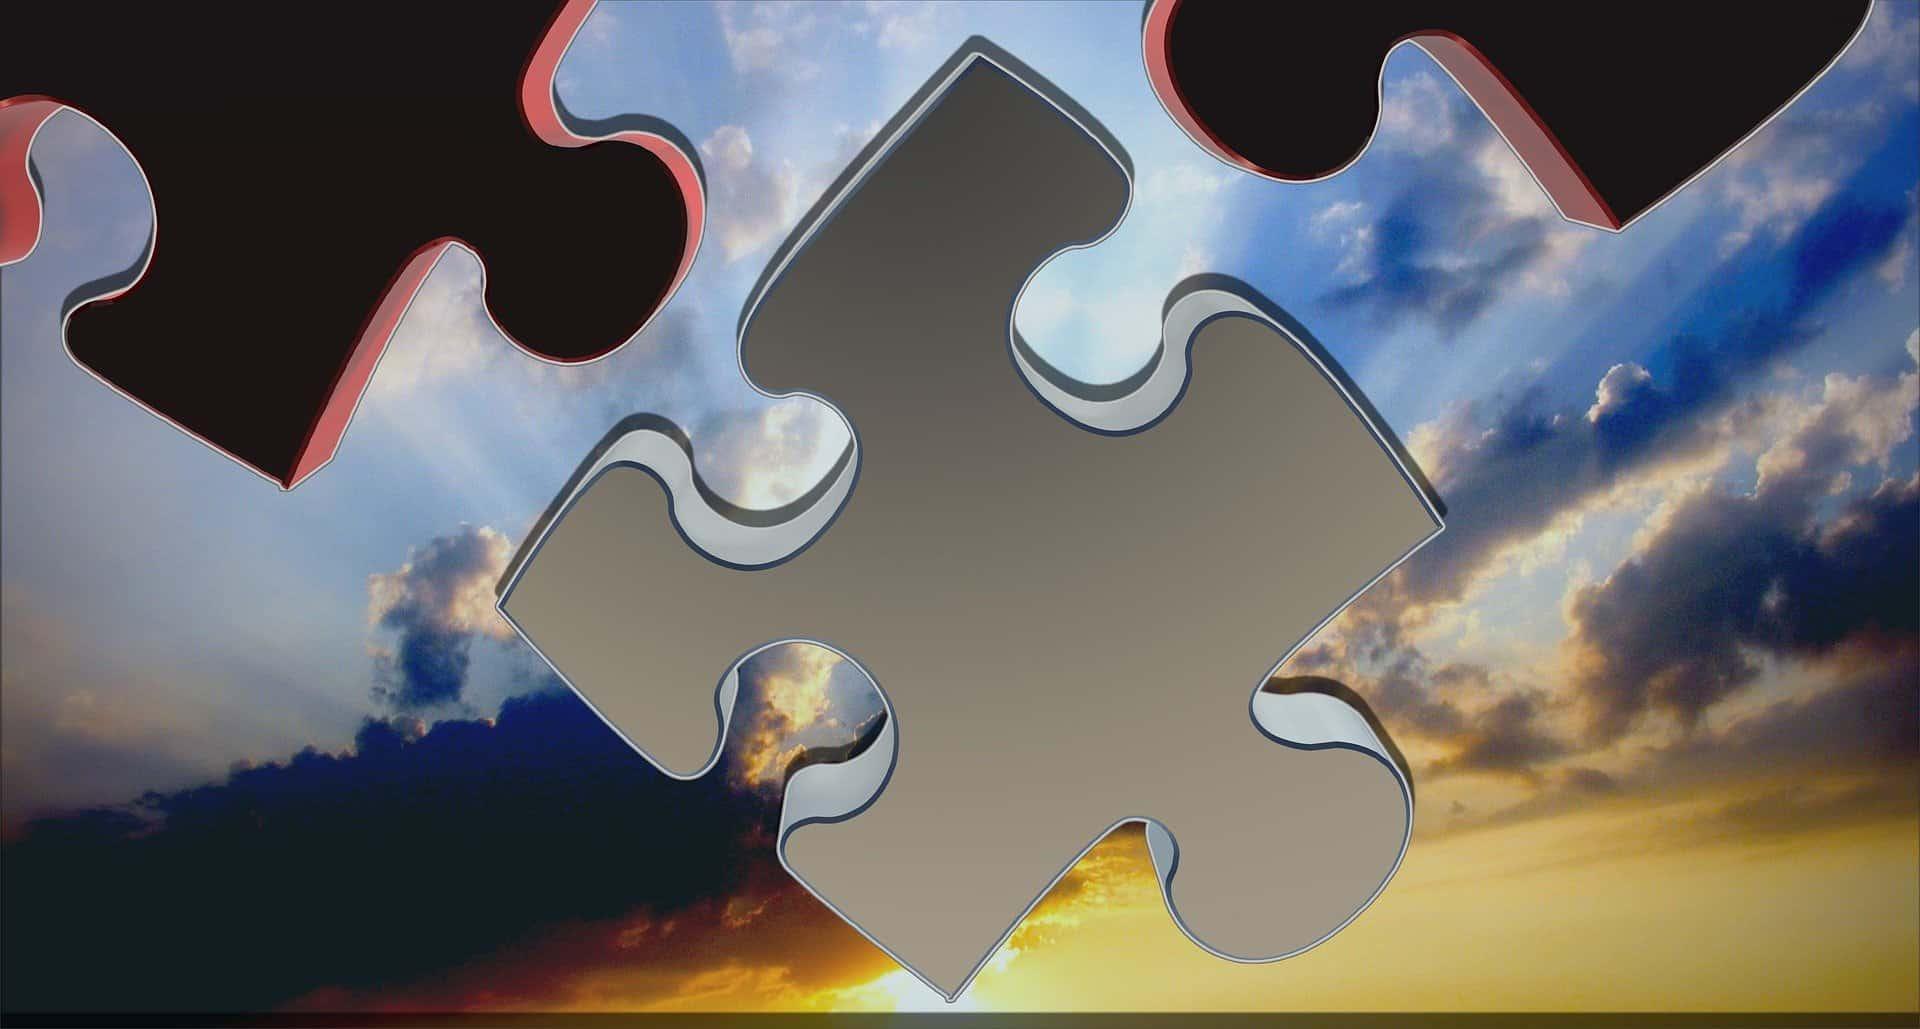 puzzle-1727997_1920 (1)